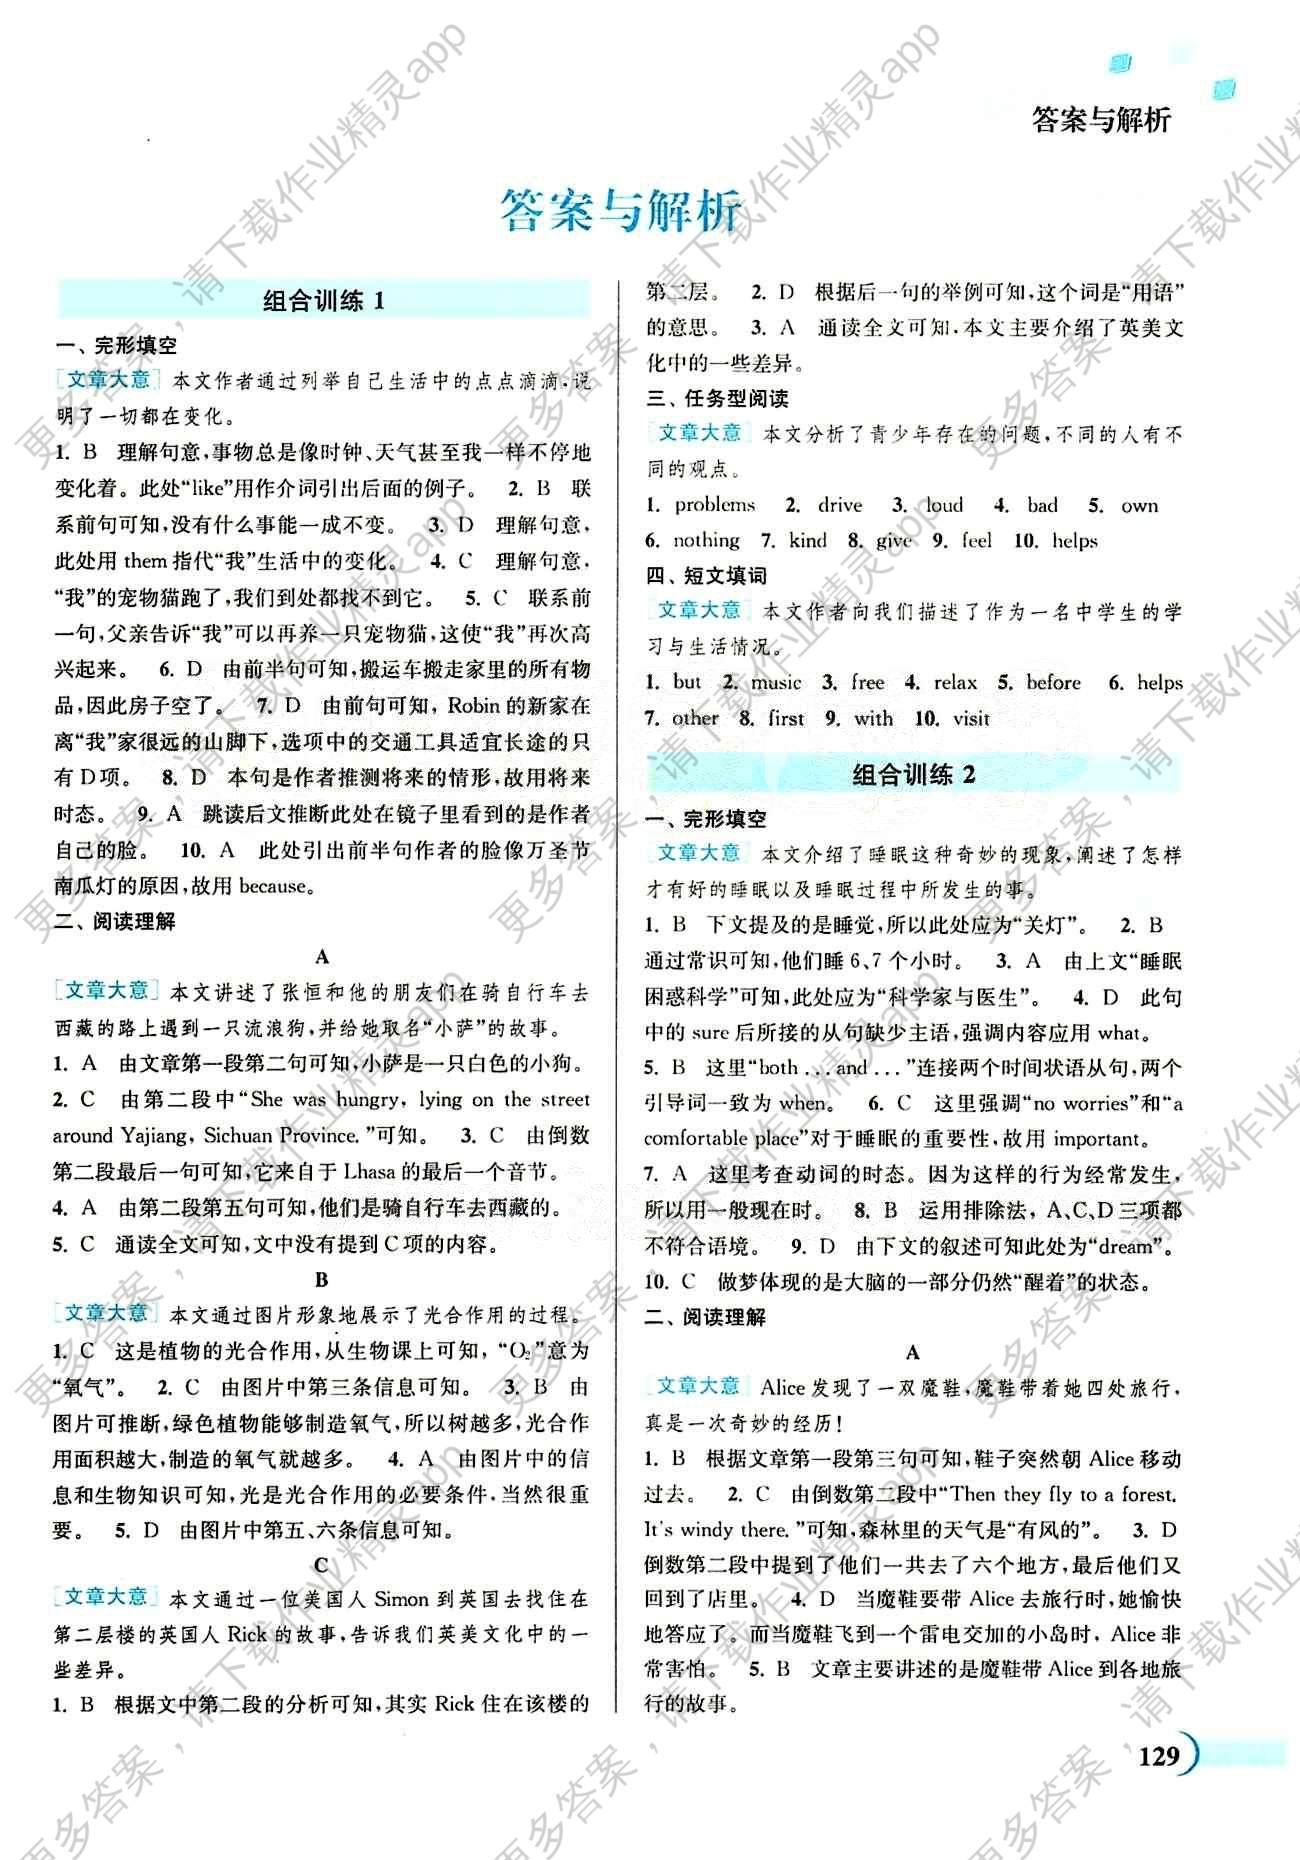 2015春通城学典初中年级阅读组合训练七初中算什么语文秘籍二十四点有图片